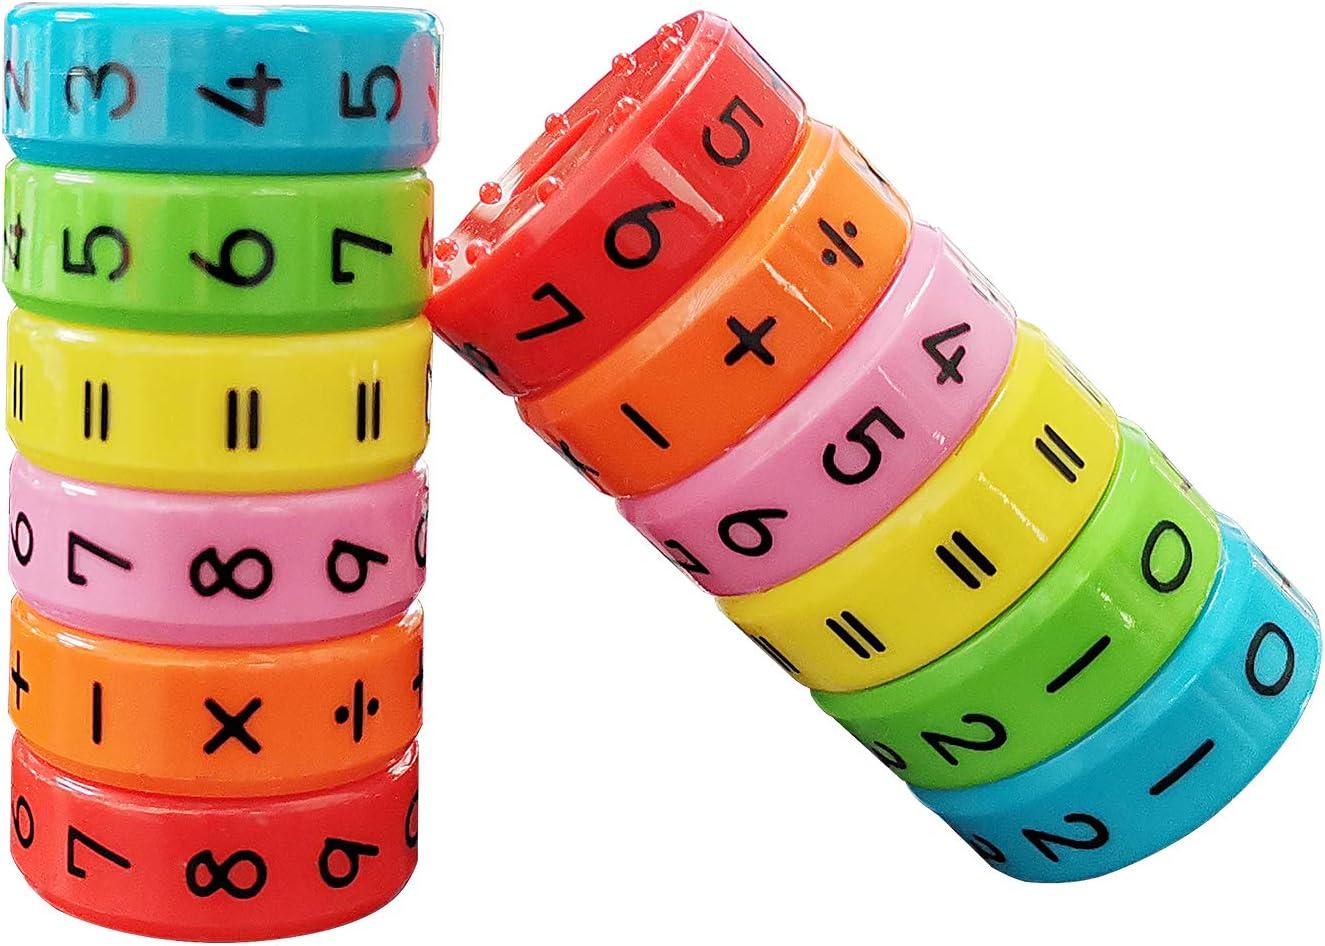 Juguete de Aprendizaje Aritmético Magnético, Regalo Educativo de los Juguetes de Las Matemáticas para los Niños del Bebé, Juguete de Desarrollo del Cerebro de la Inteligencia, Cubo Digital 2pcs